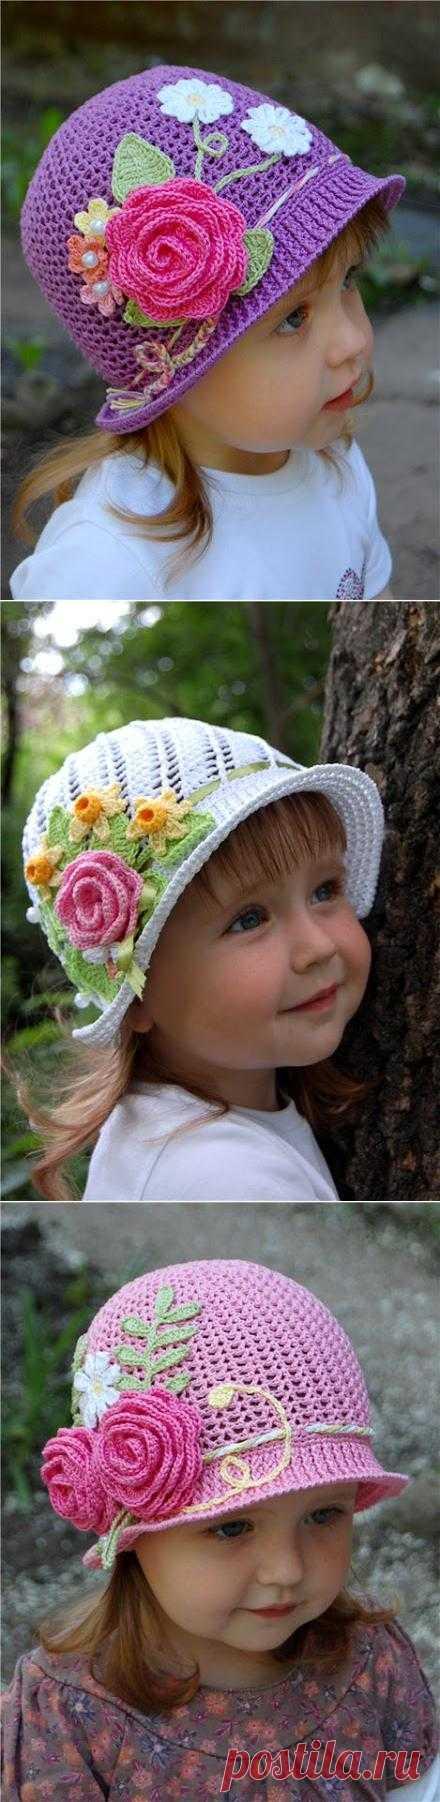 Вяжем чудесные летние шляпки-панамки для девочек.